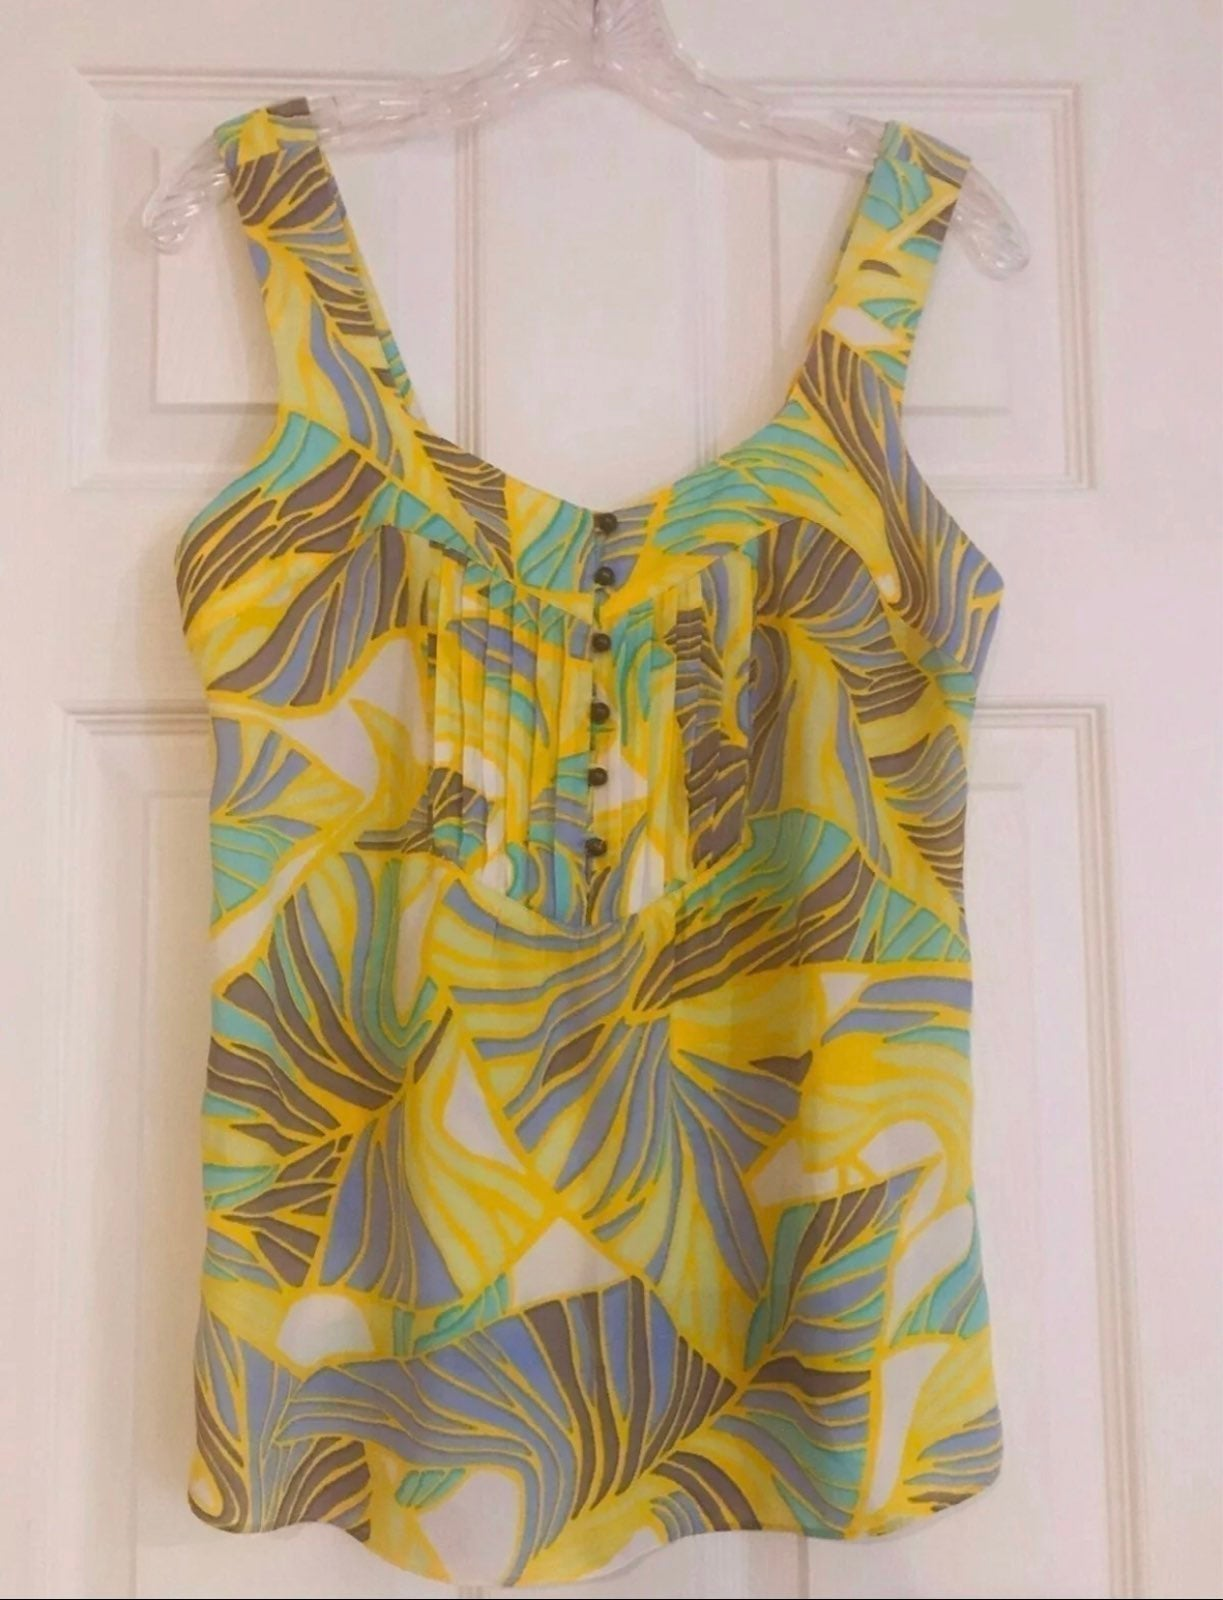 Banana Republic Women's Shirt